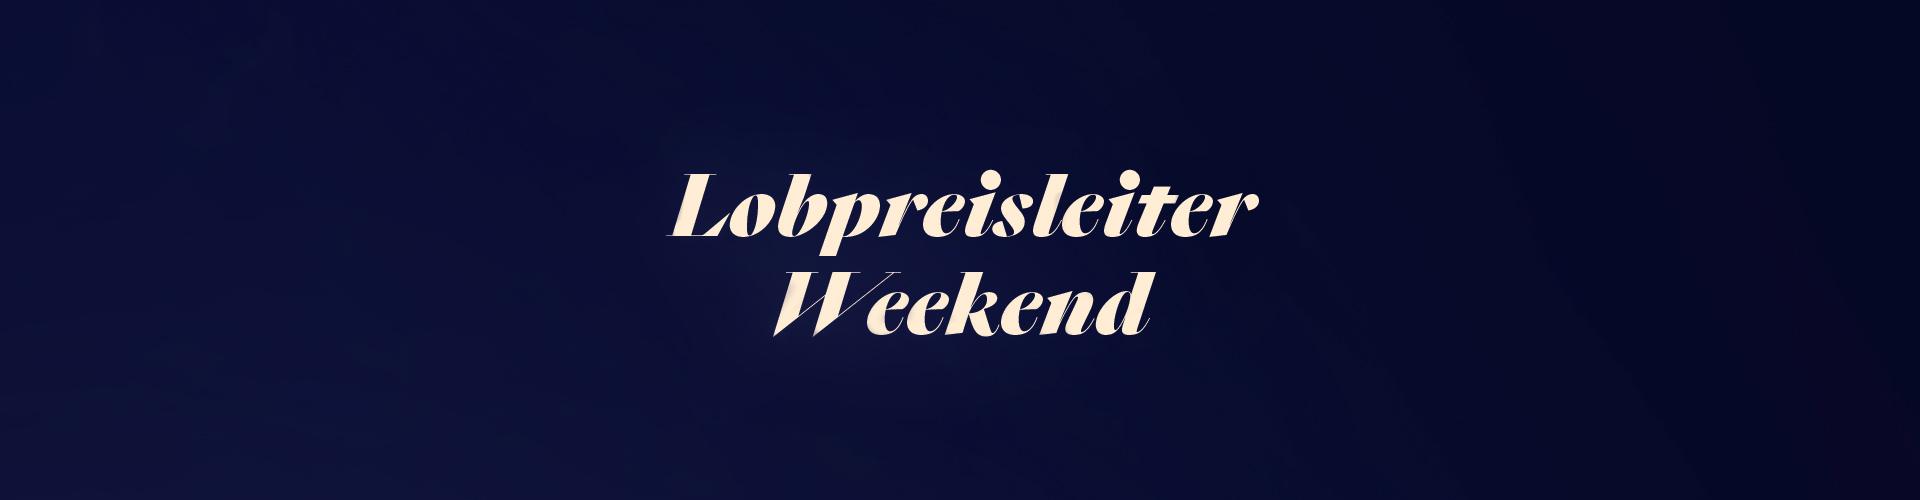 slider lobpreisleiter-weekend 2020